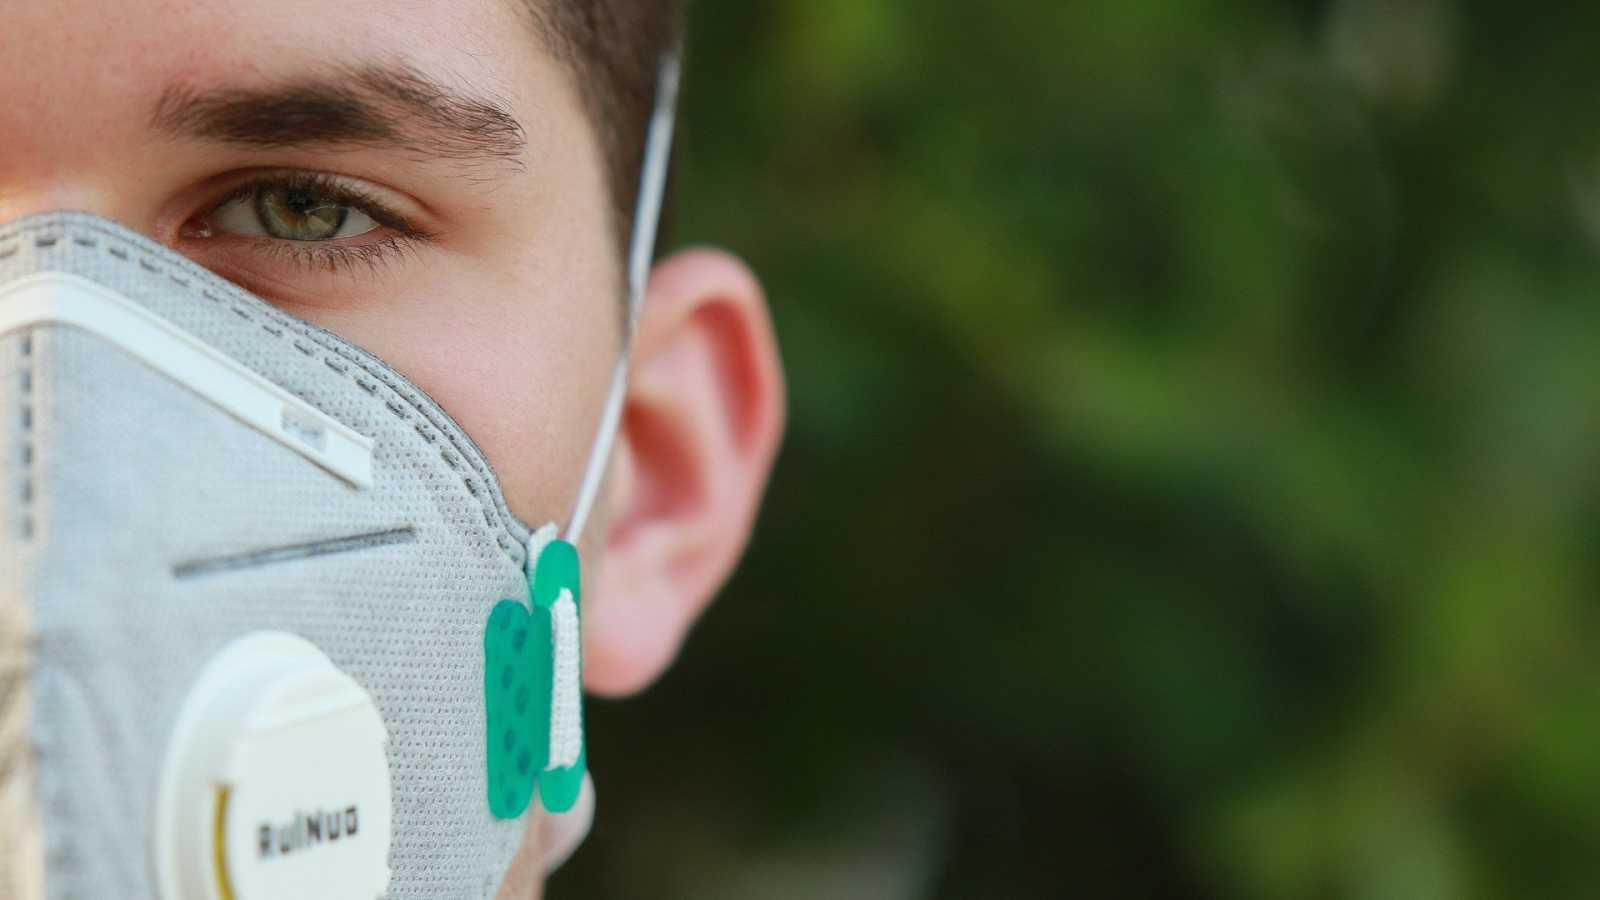 A su salud - ¿Afecta el covid19 a la salud de nuestros ojos? - 17/07/20 - Escuchar ahora